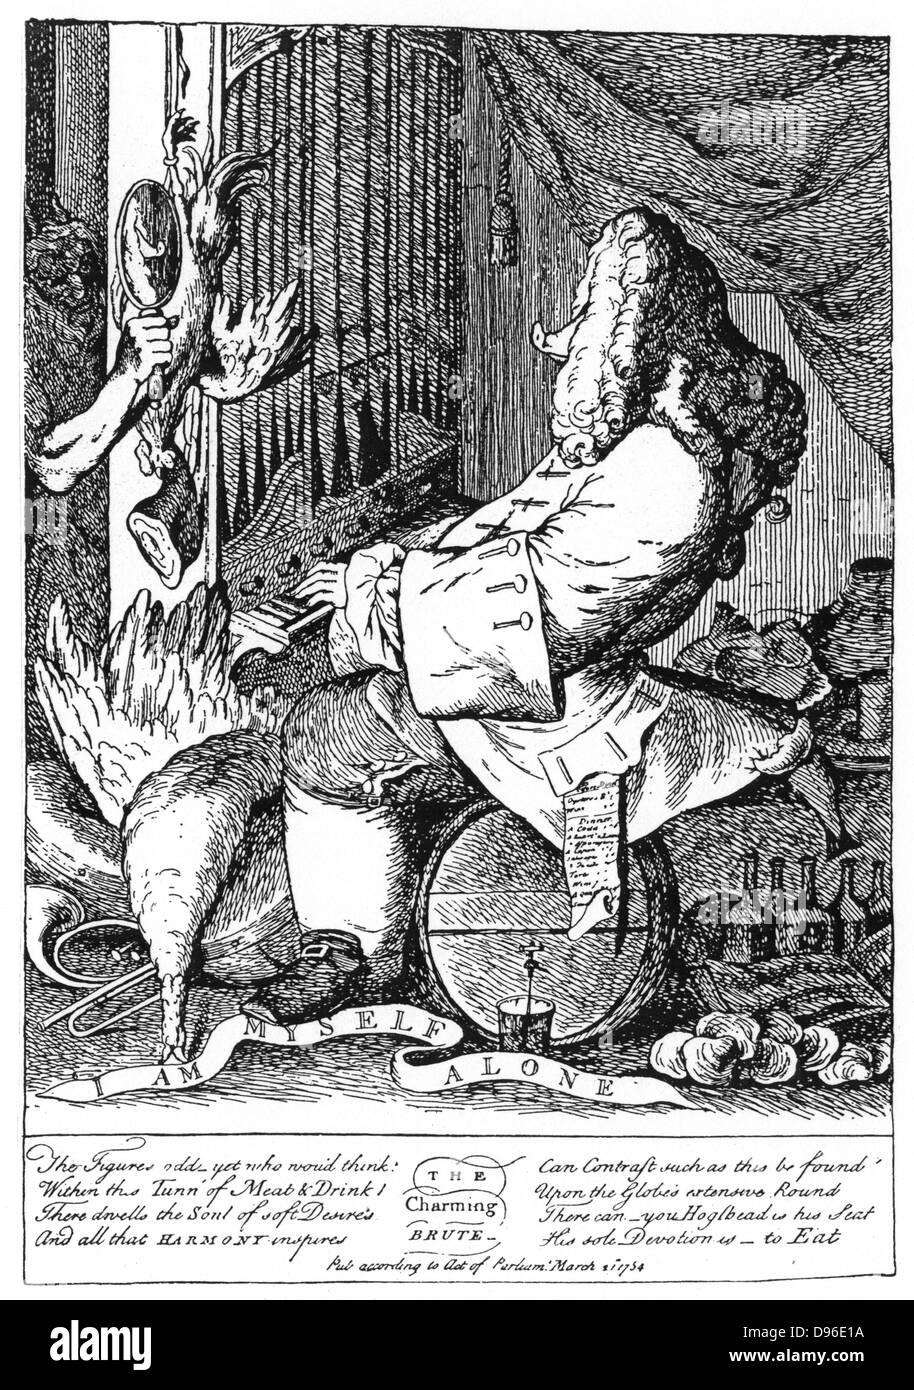 """Händel (1685-1759) deutsch-englische Komponist in Halle geboren. """"Das charmante Brute"""", veröffentlichte Stockbild"""